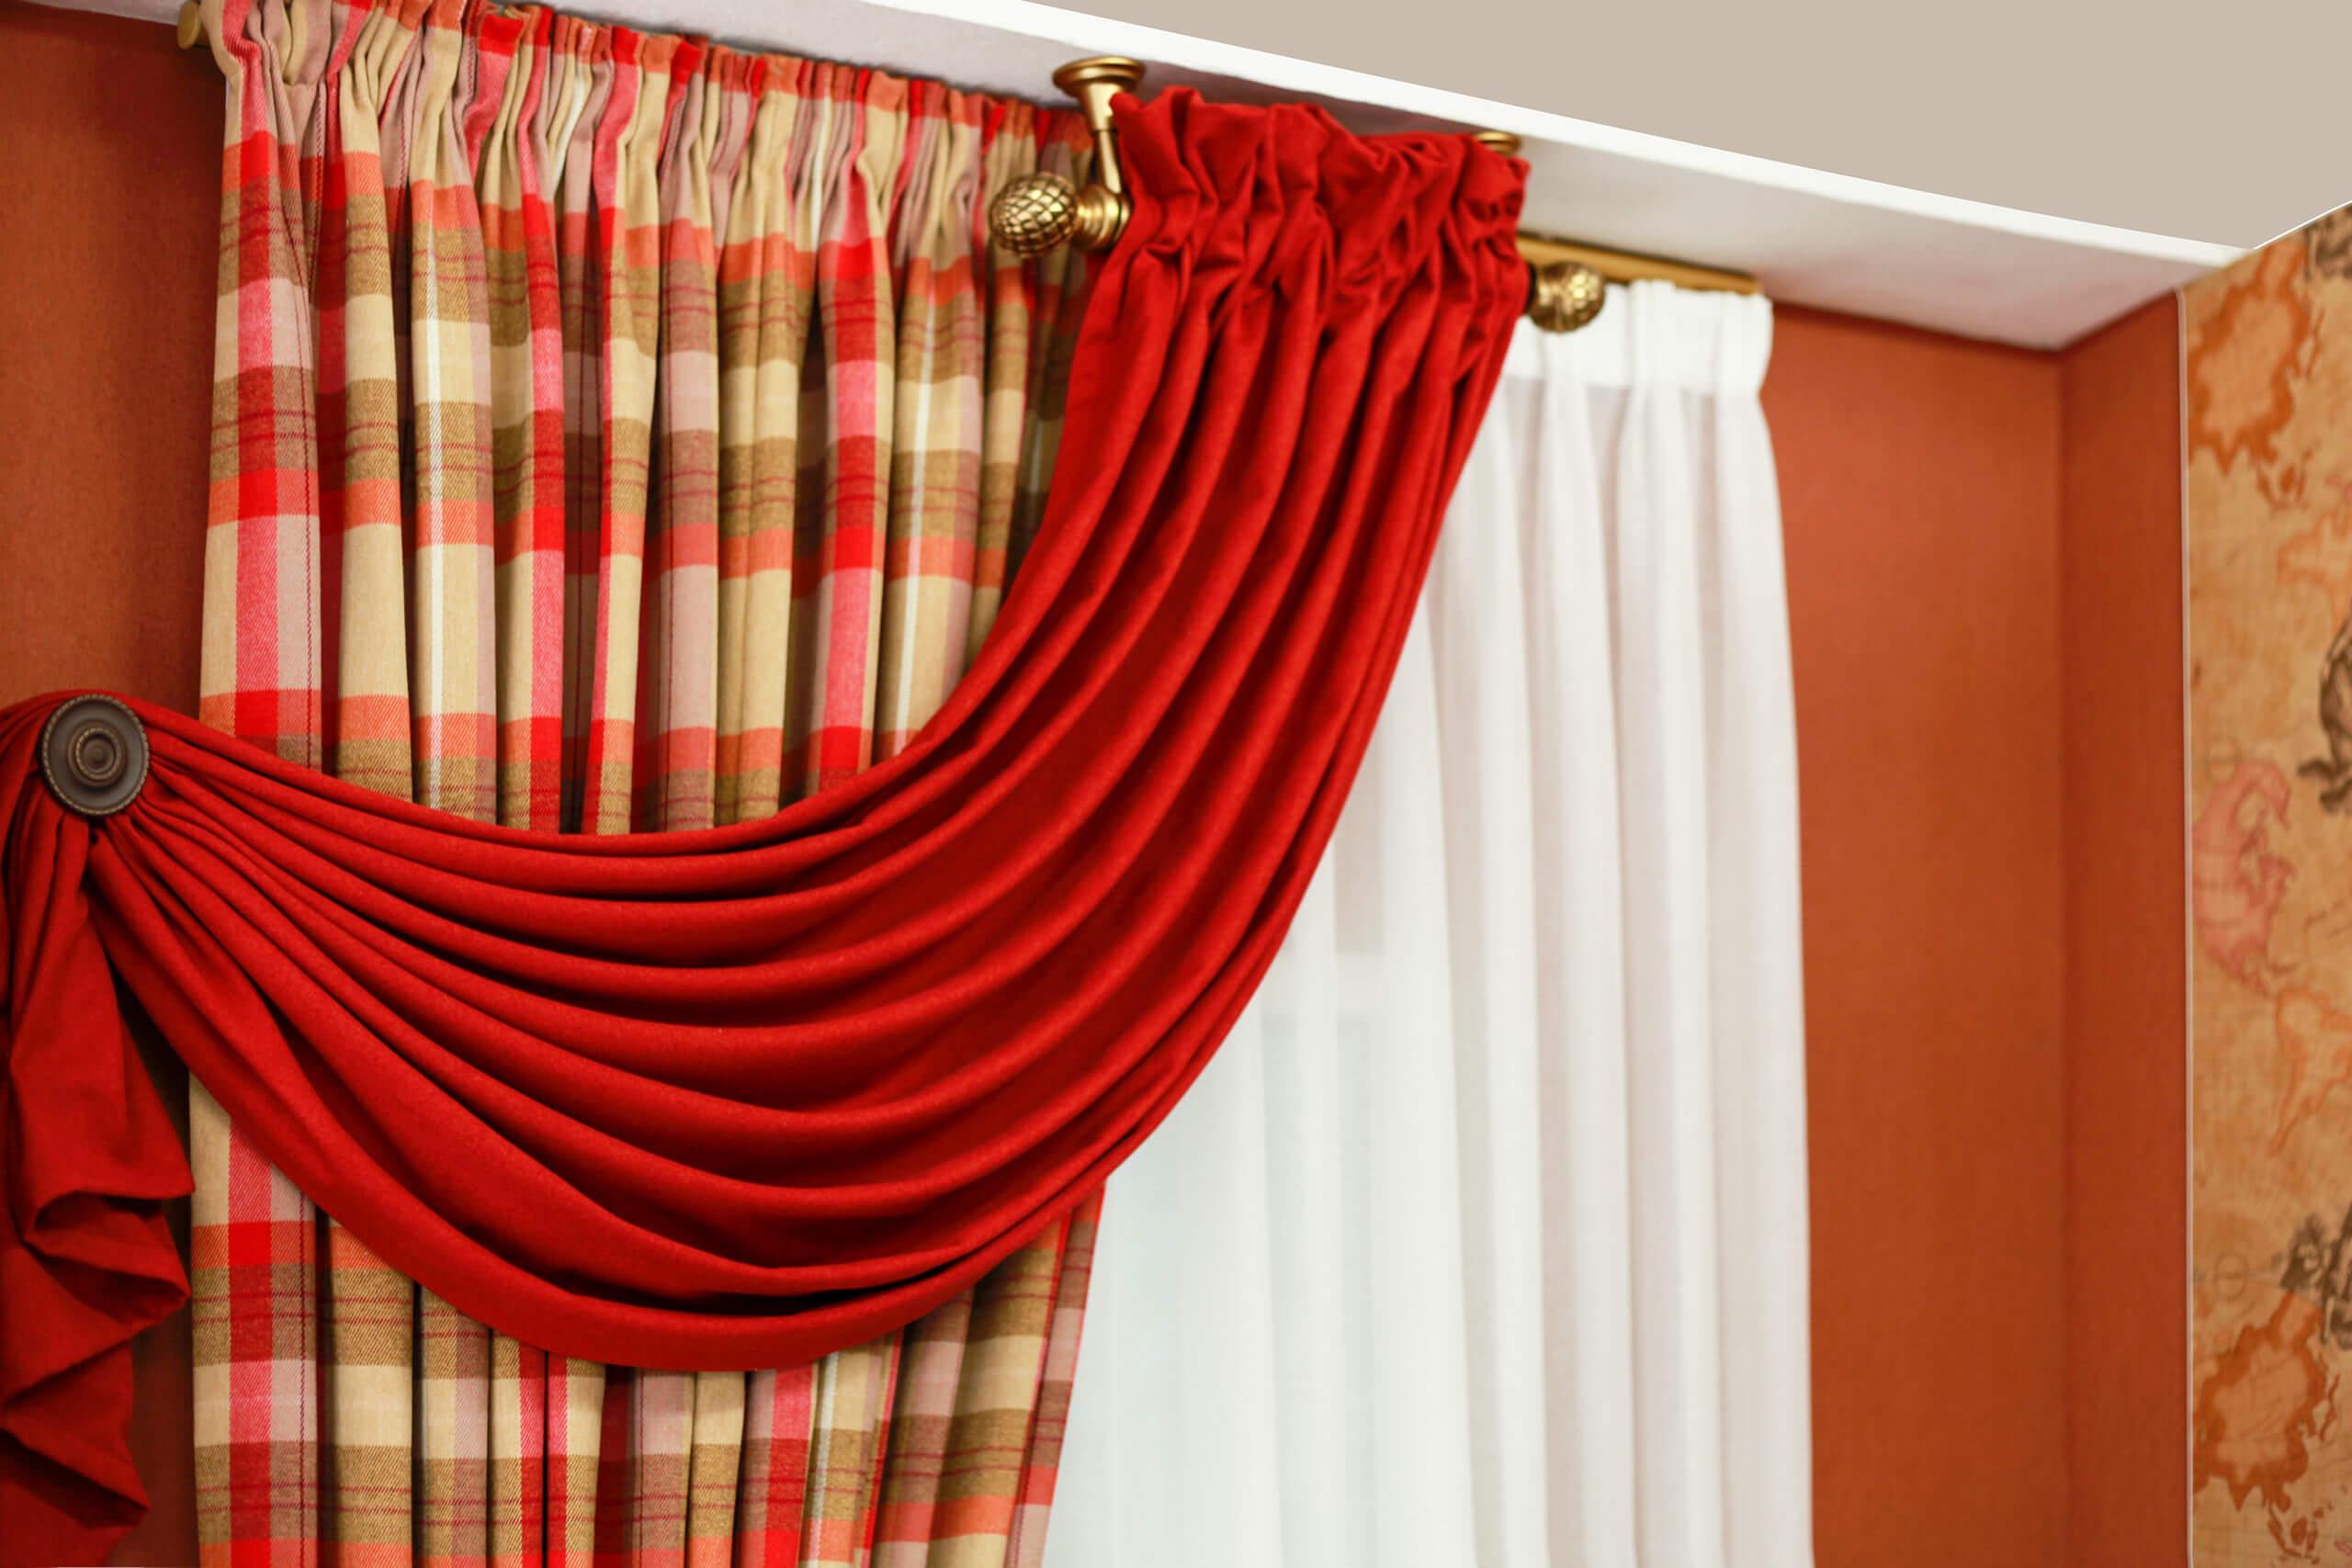 raumausstatter gesellenpr fung kimberly hart adler. Black Bedroom Furniture Sets. Home Design Ideas